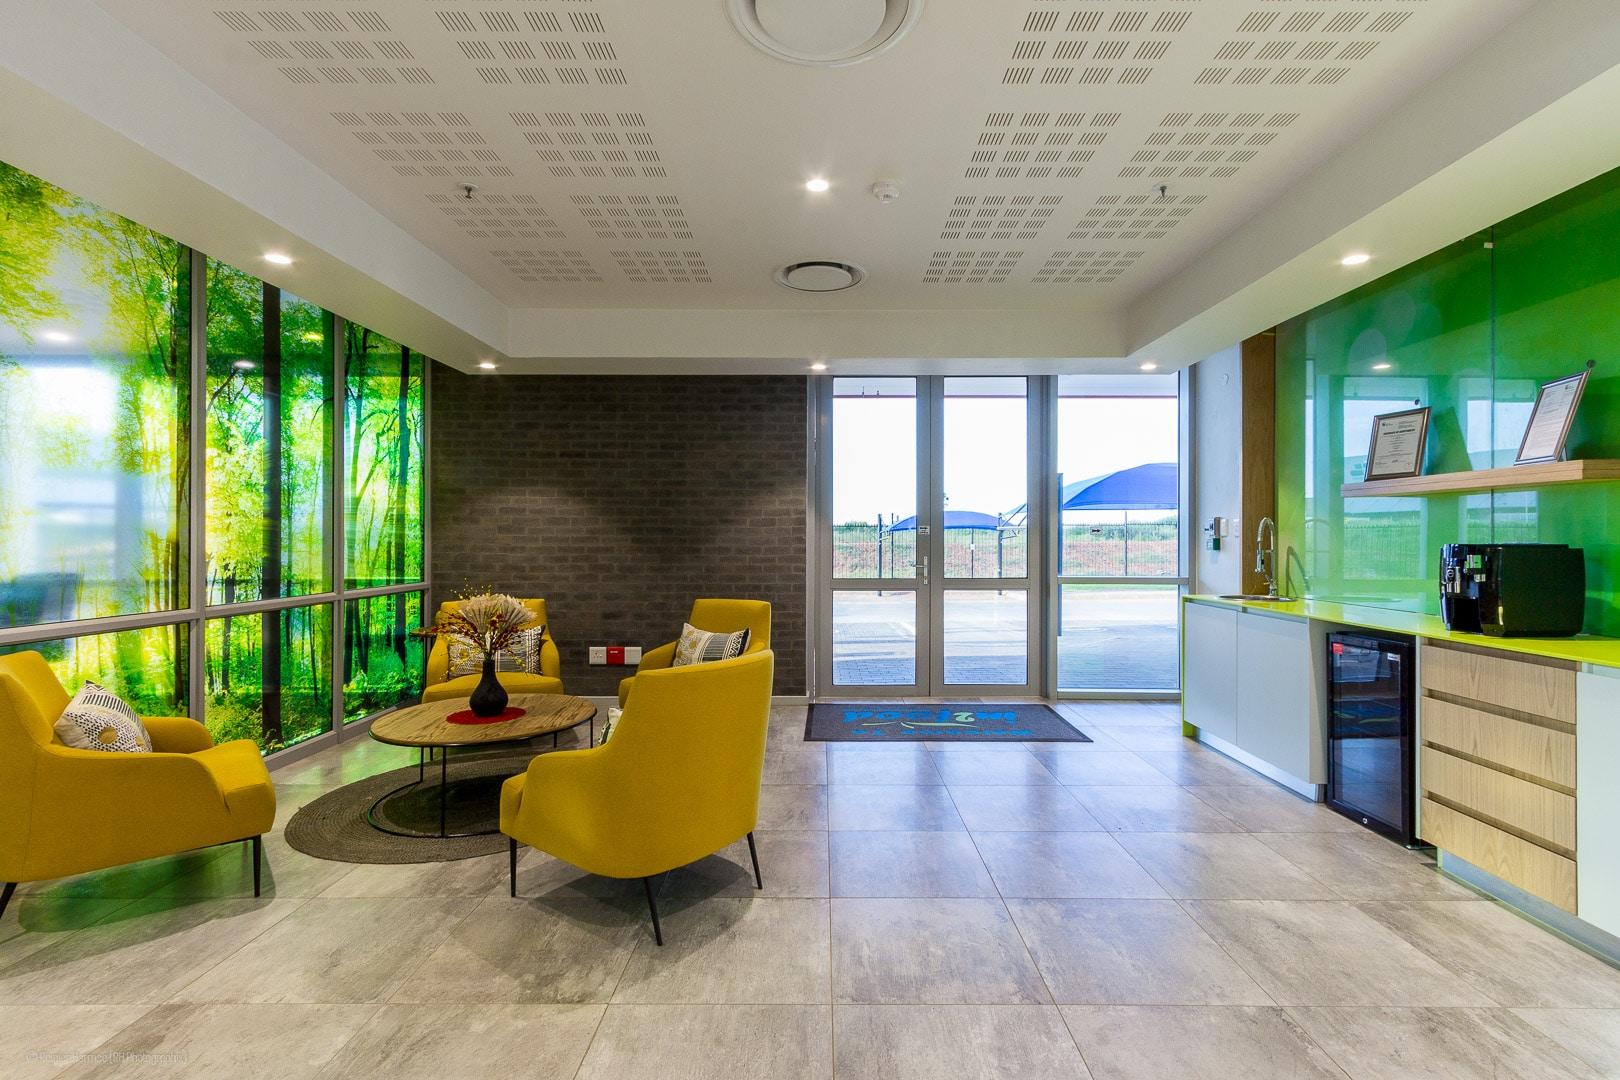 RHPX_Portfolio_Airport In2Food Interior-3